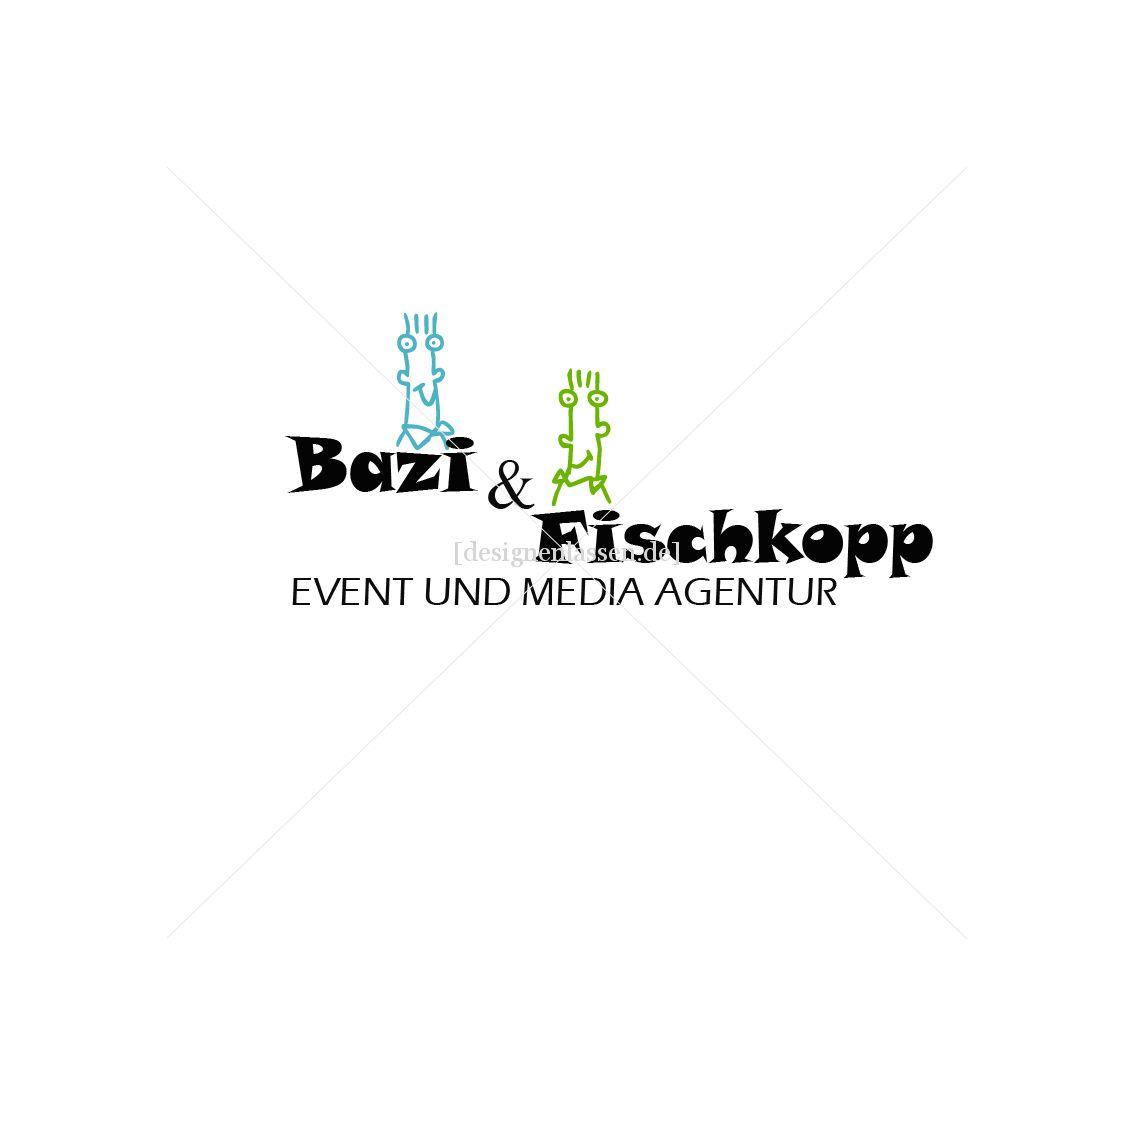 design #27 of Kreativerkopf